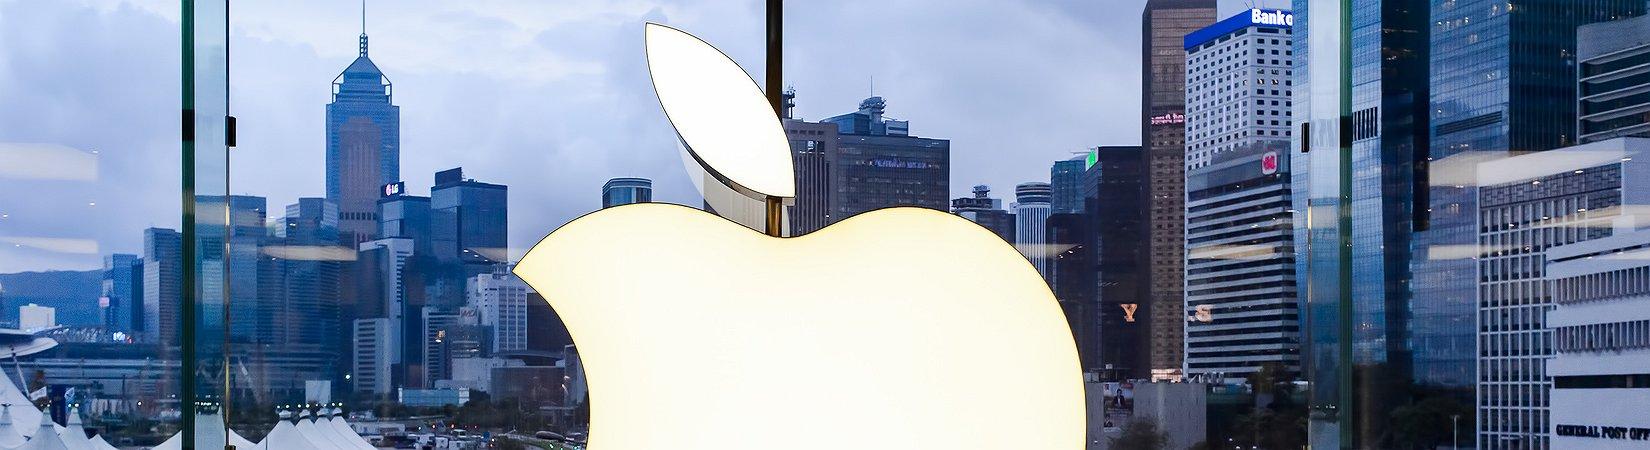 Il ritardo tecnologico di Apple comincia a farsi sentire